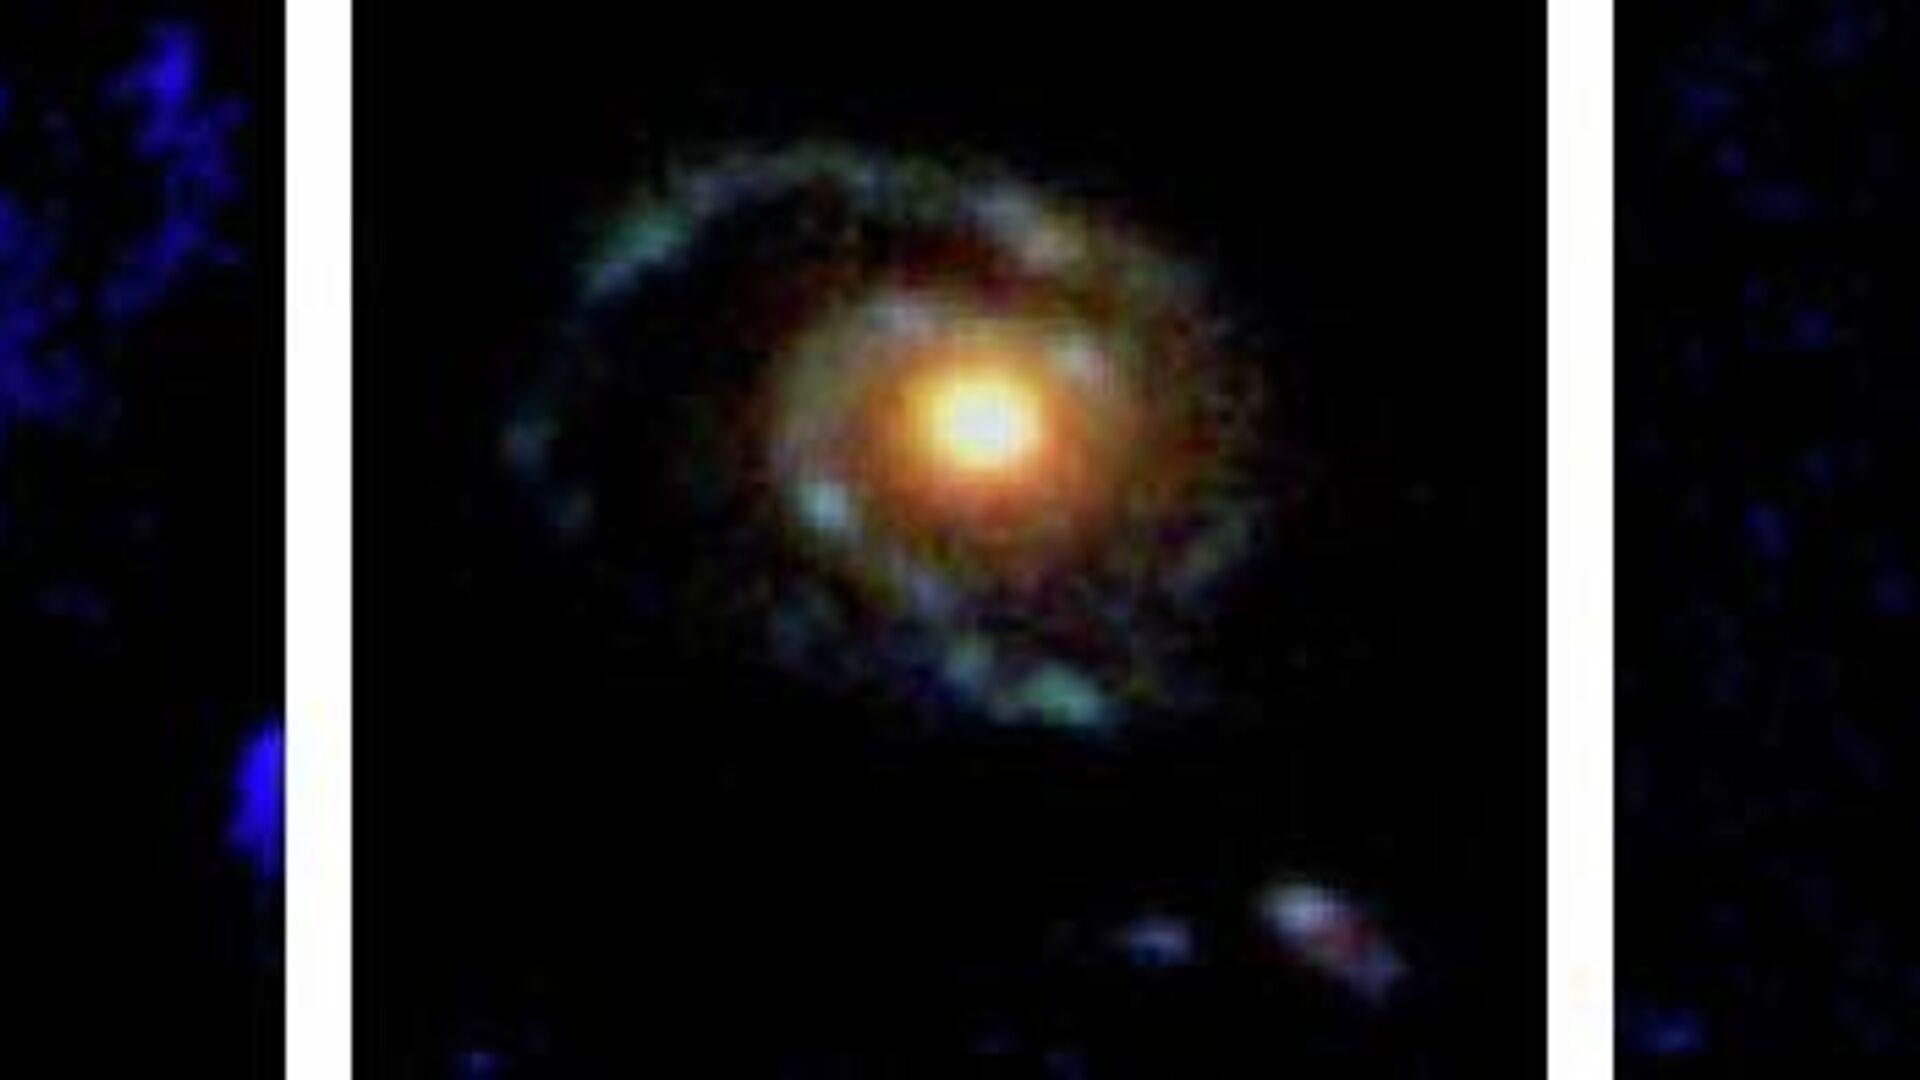 Dos galaxias de disco y una en espiral observadas en la lejanía - Sputnik Mundo, 1920, 11.06.2021